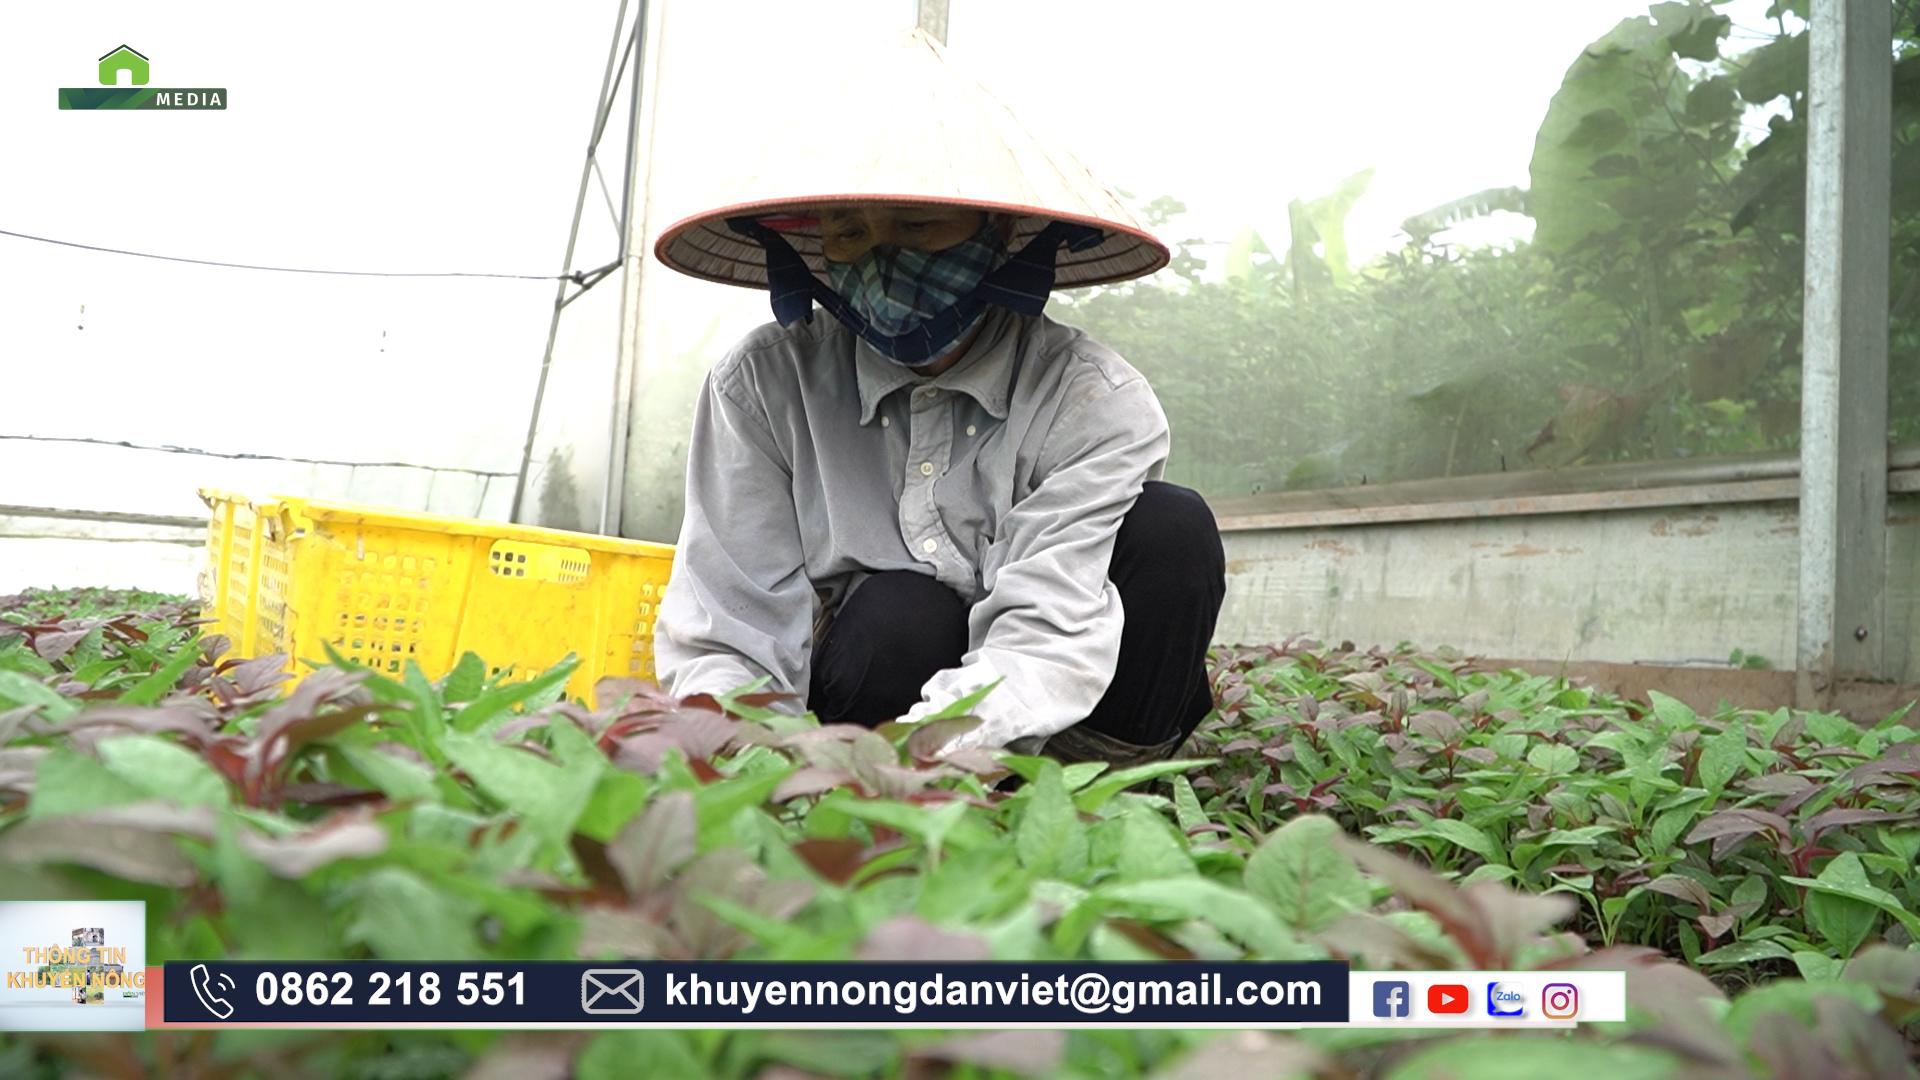 Tránh nắng cho rau siêu giỏi, nông dân Hà Nội trồng rau trái vụ vẫn cho năng suất cao  - Ảnh 1.